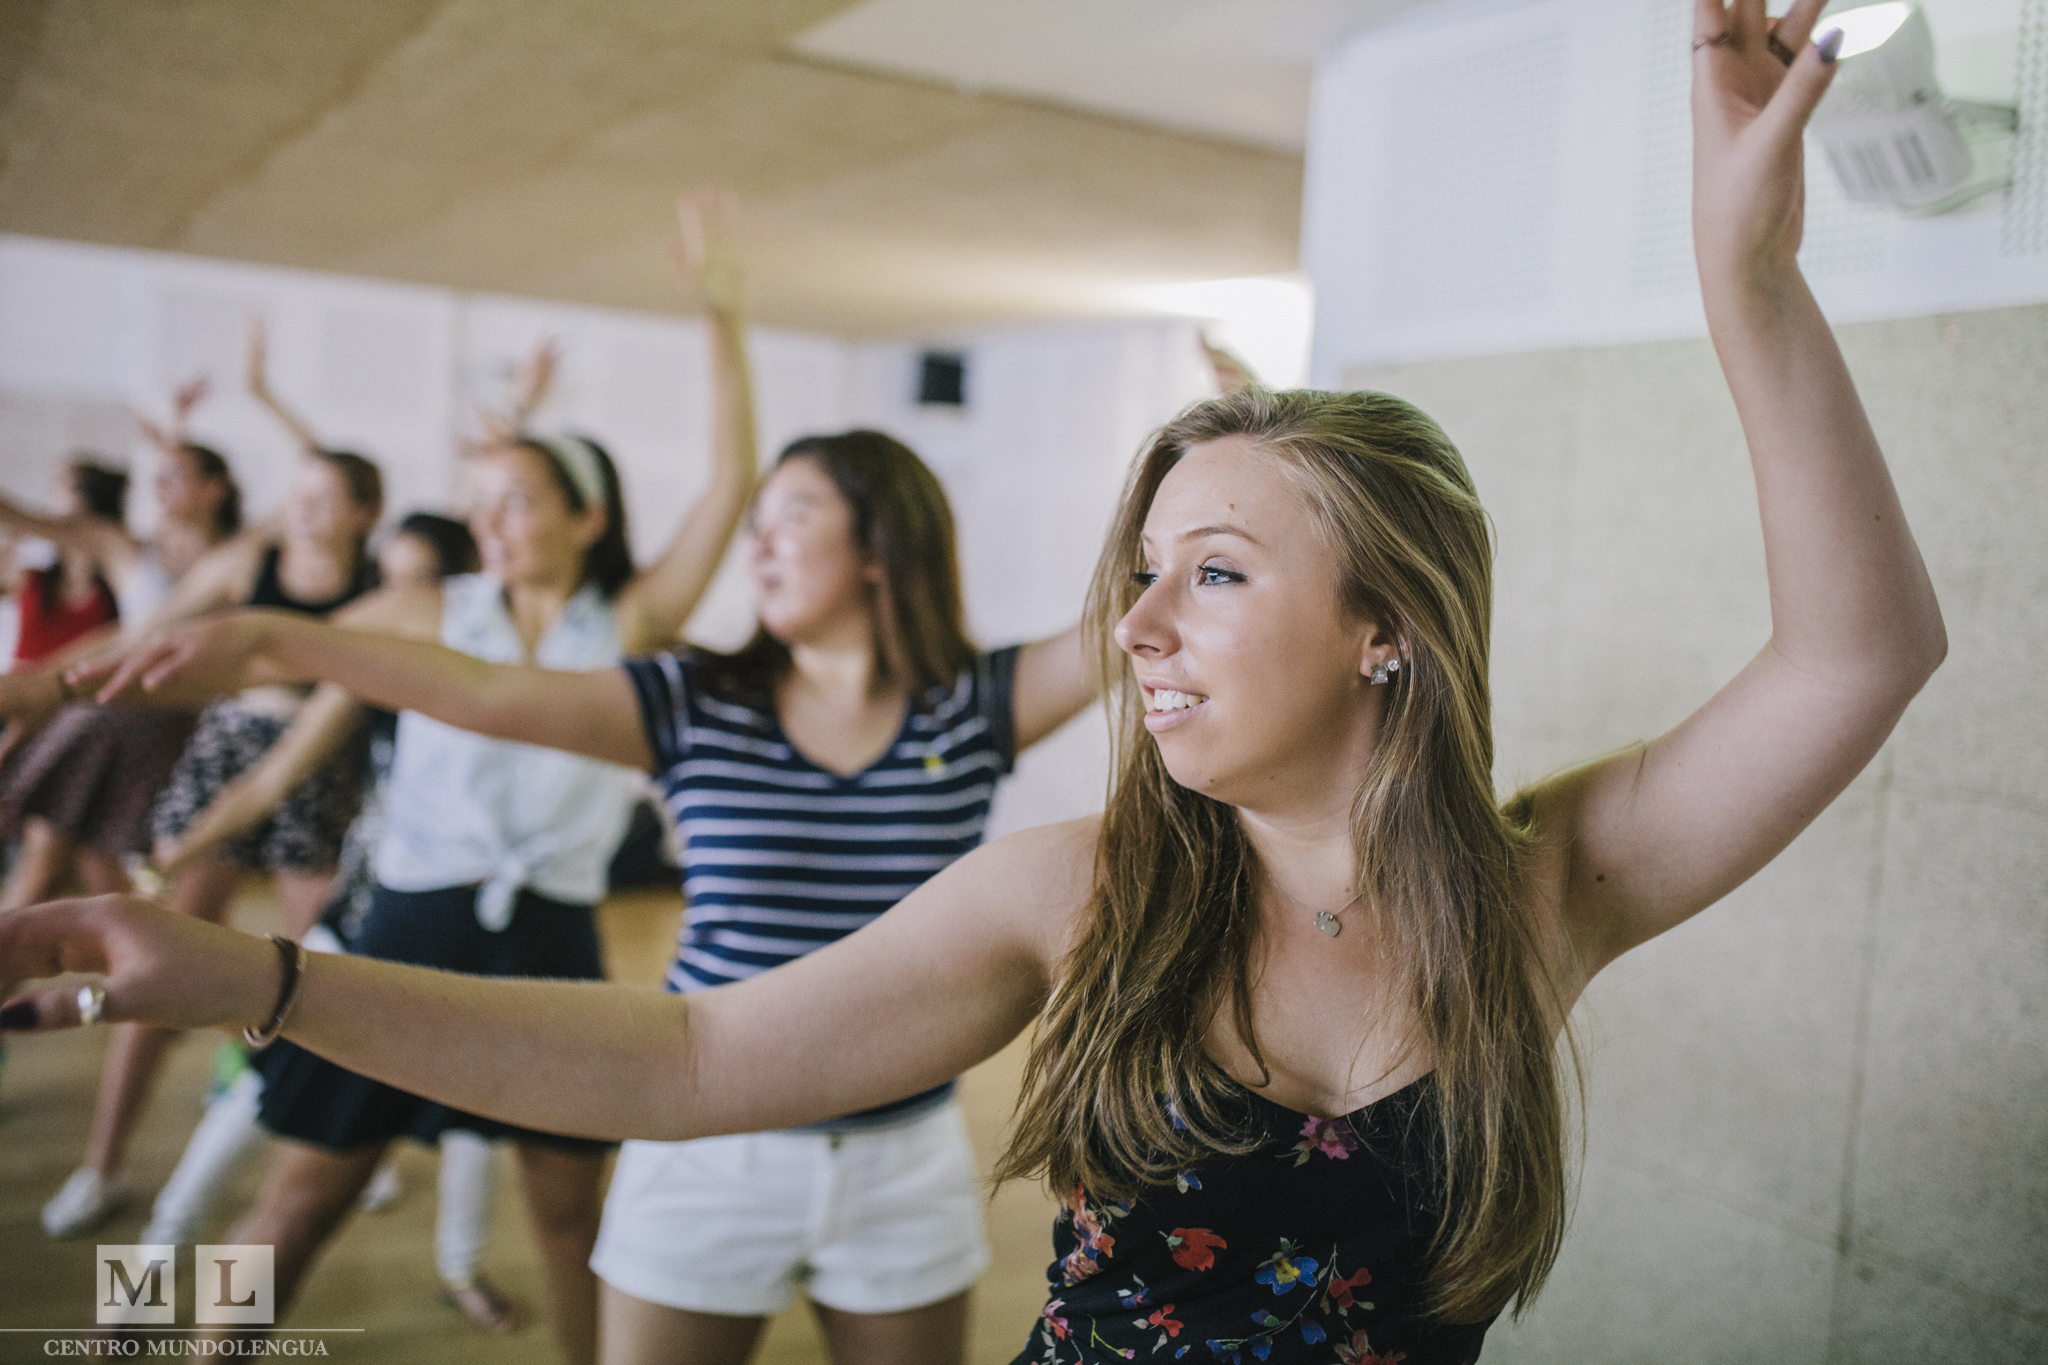 Centro MundoLengua: IB Spanish summer course in Cadiz, Spain